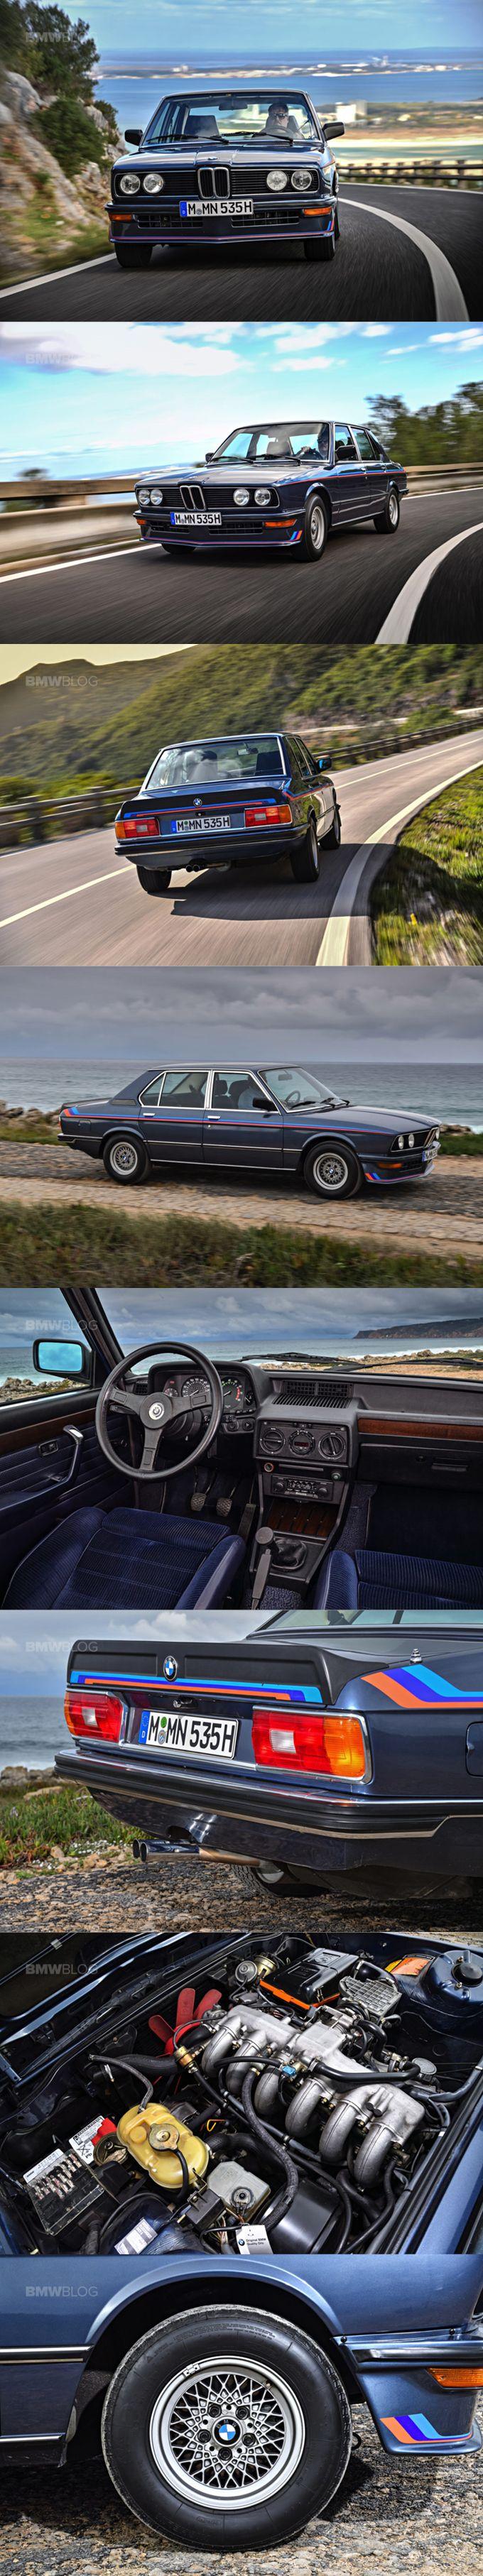 1980 BMW M535i / Motorsport /Germany / blue red / E12 / 17-320